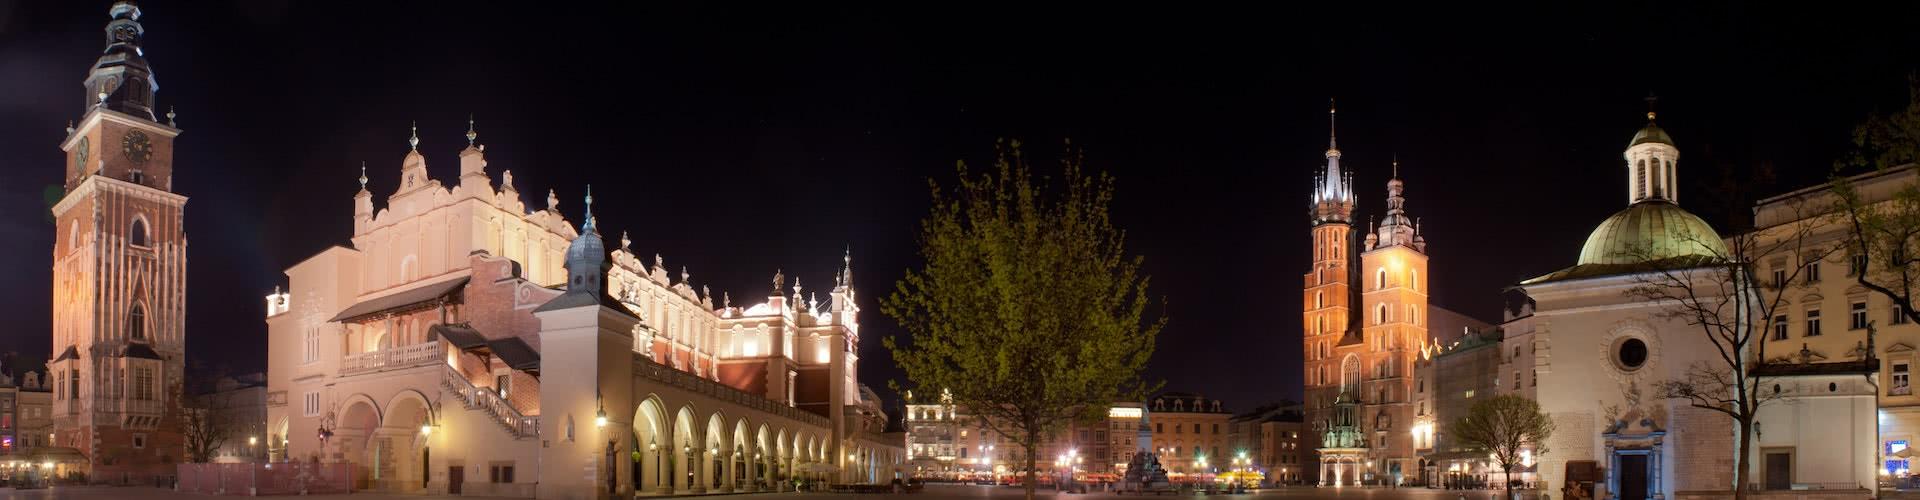 Titelbild von Krakau